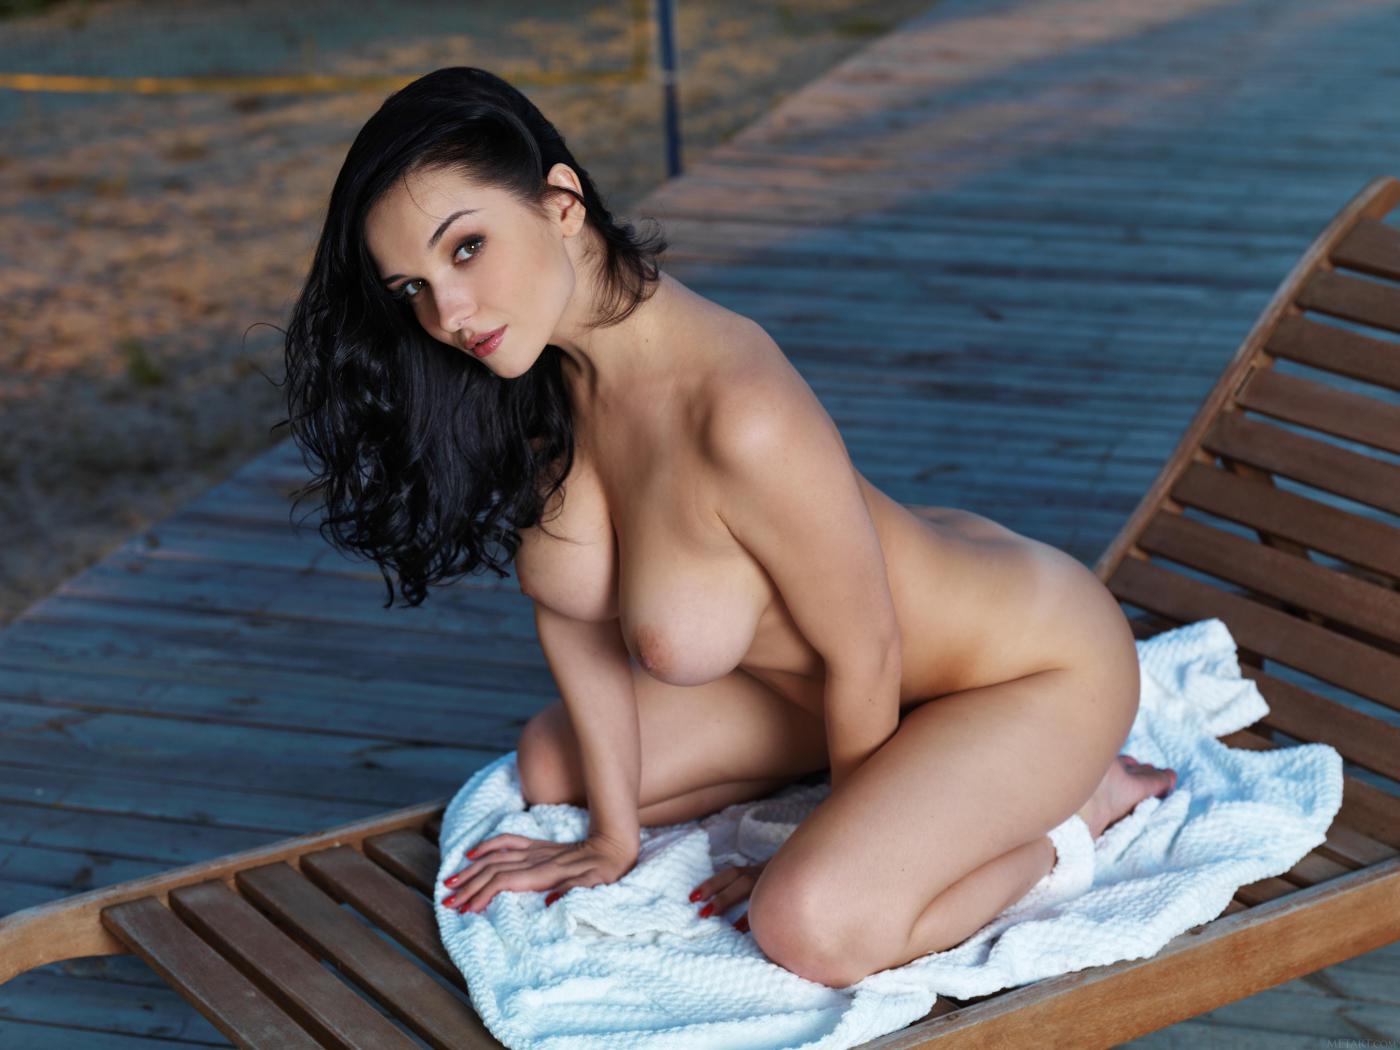 Приятная темноволосая девка Katie Fey лежит на шизлонге и демонстрирует голые сиськи